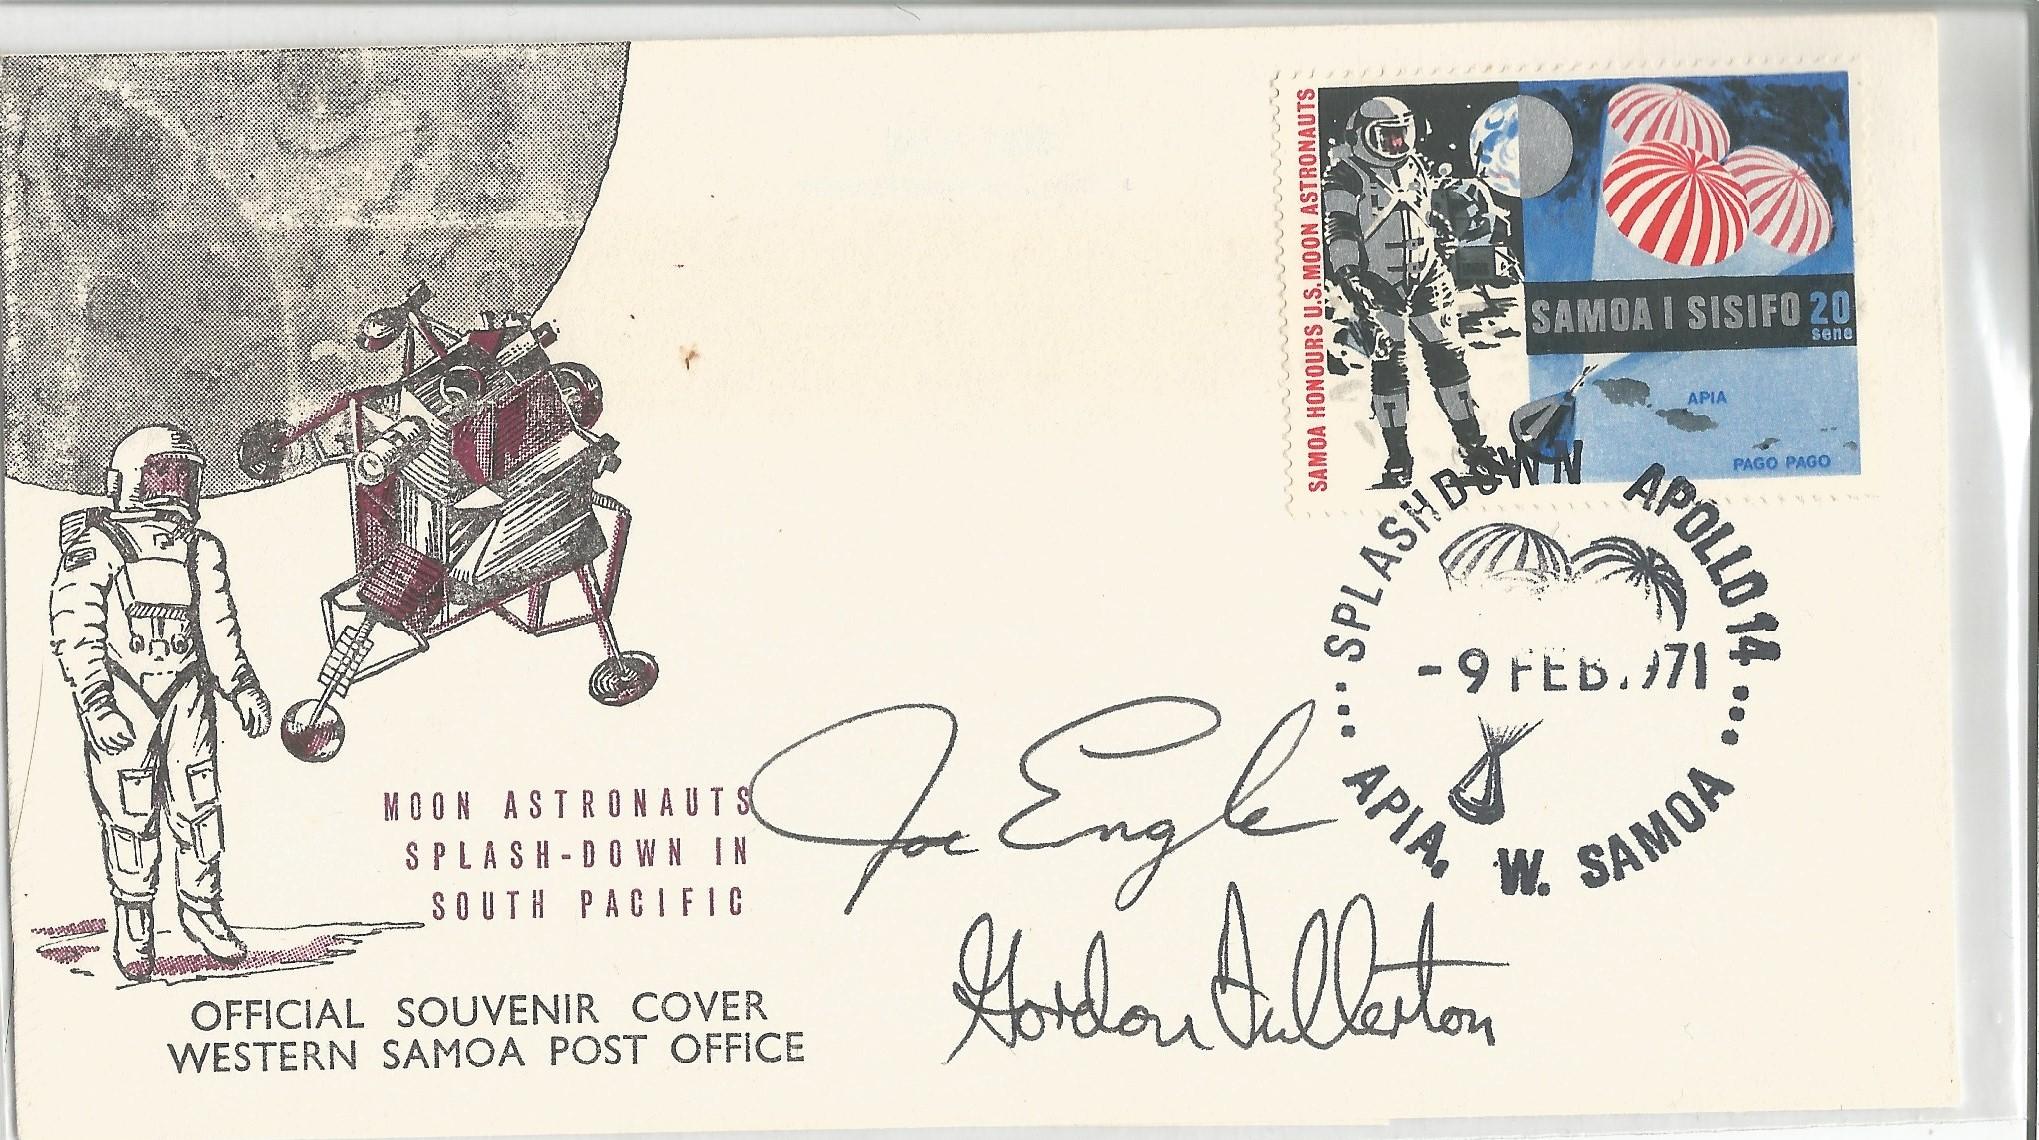 Astronauts Joseph Engle and Gordon Fullerton Signed Apollo 14 FDC. Apollo 14 Flight, February 9th,